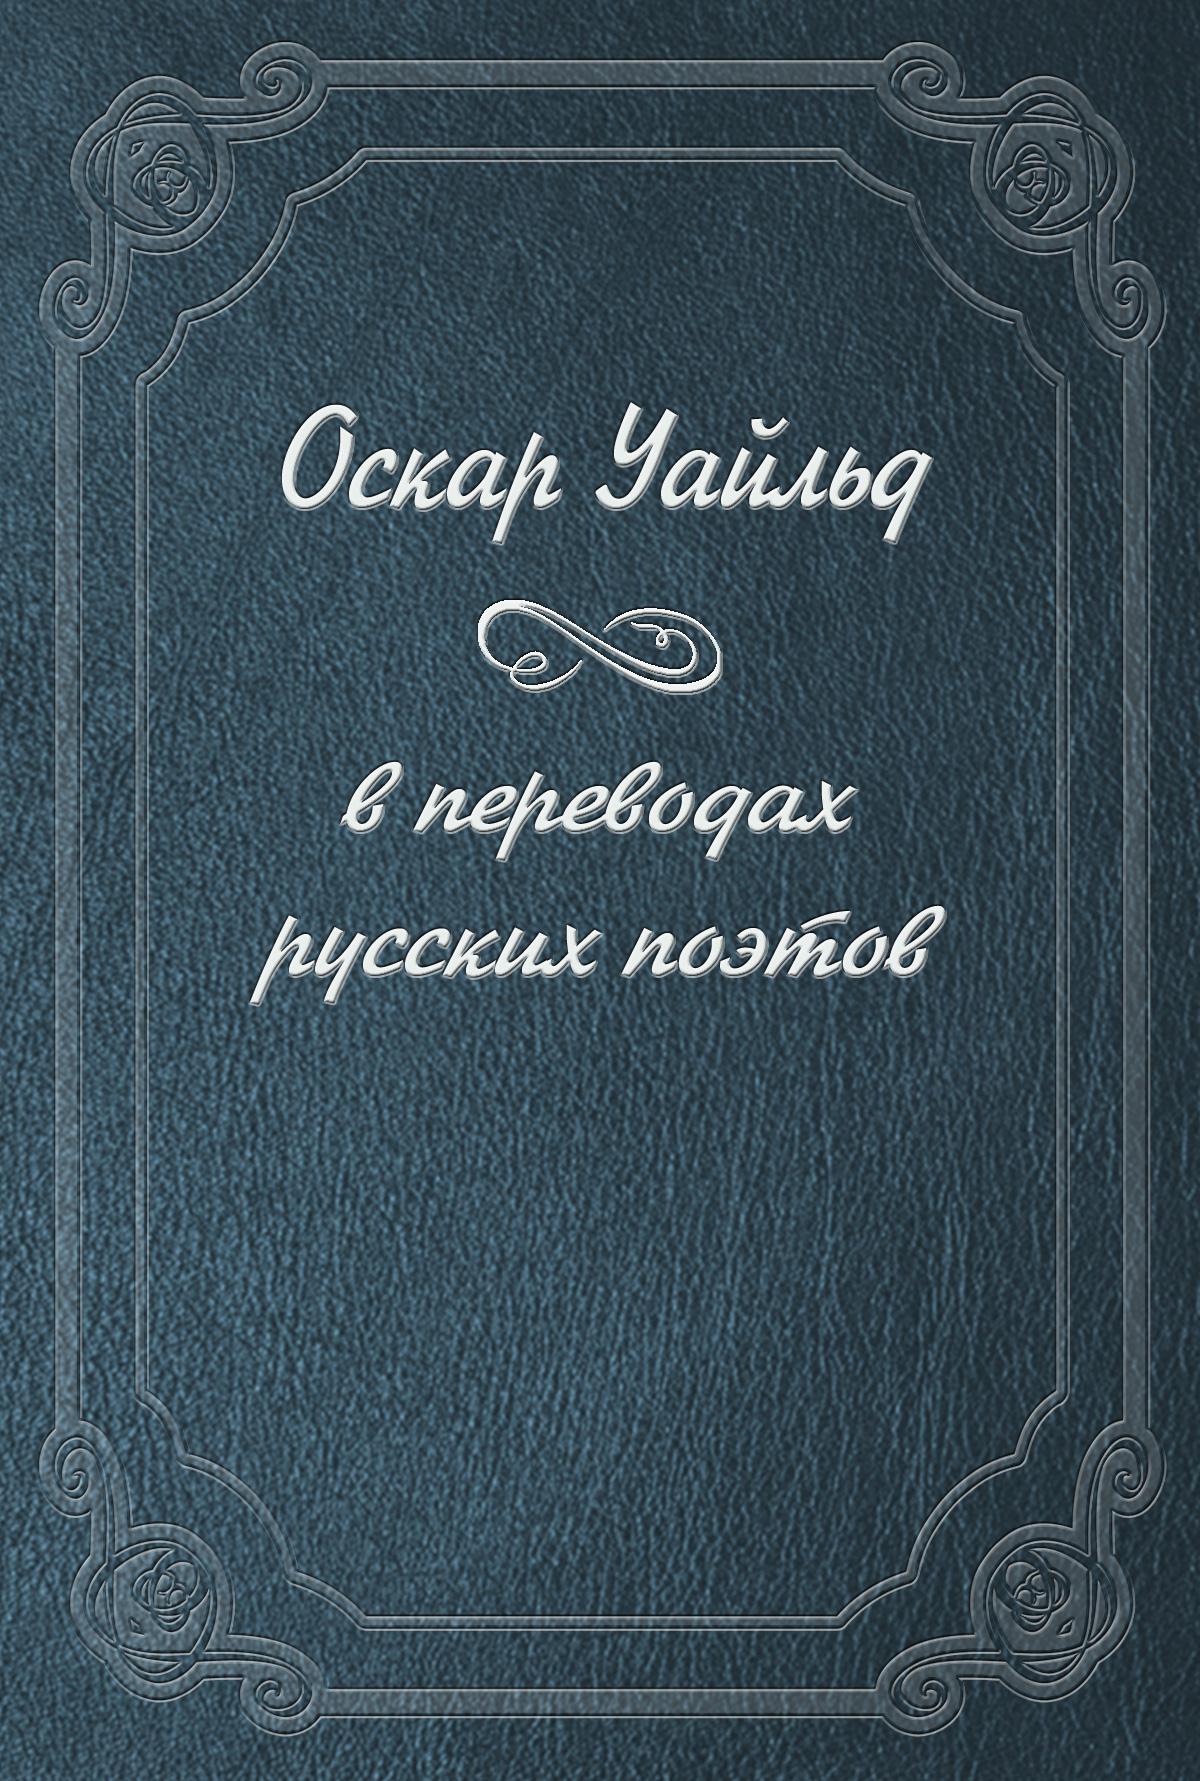 Оскар Уайльд Оскар Уайльд в переводах русских поэтов бизнес сувенир перевод